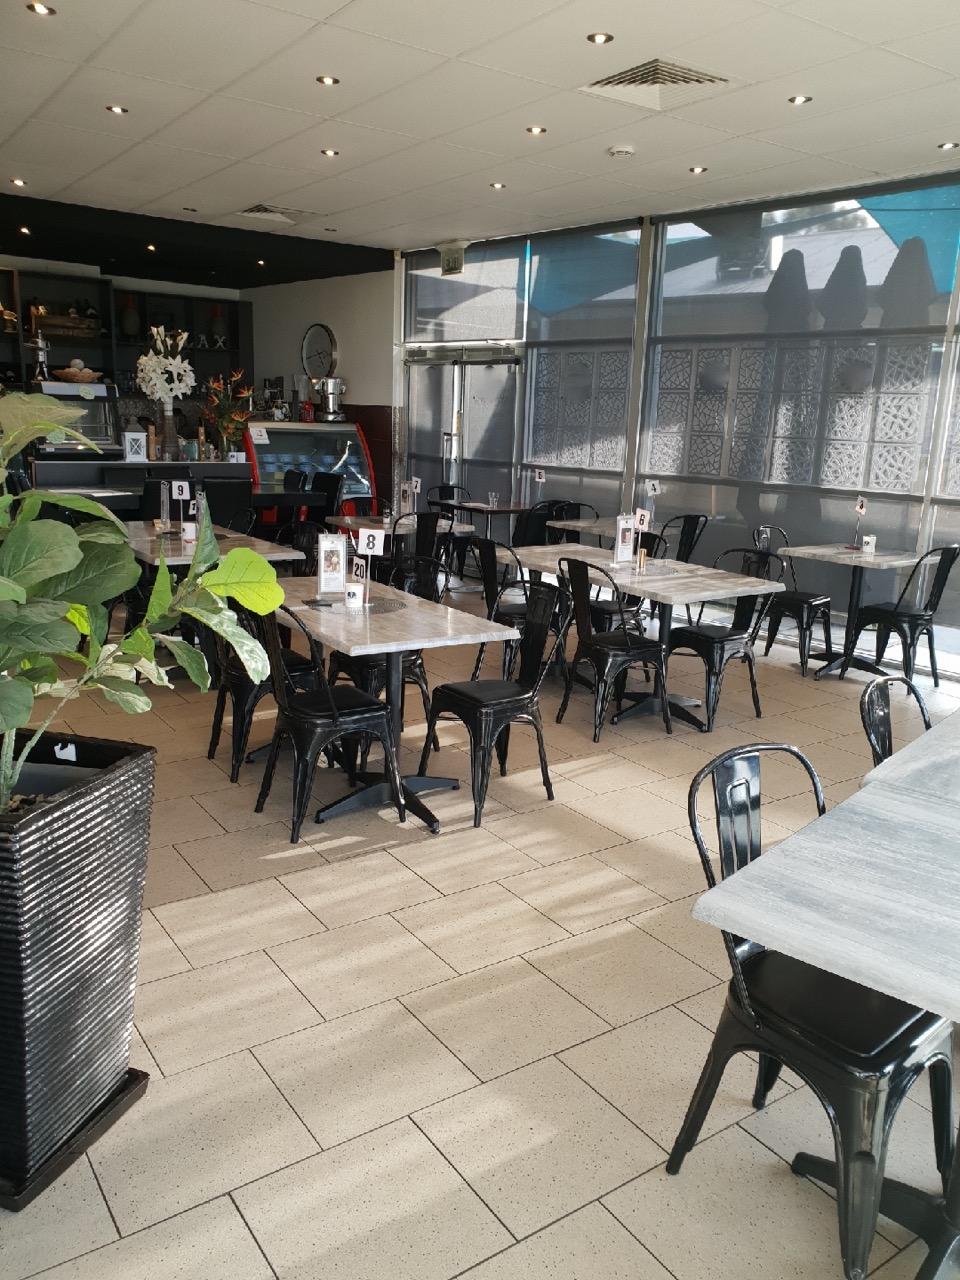 Under Management Cafe Restaurant Business for Sale South Morang